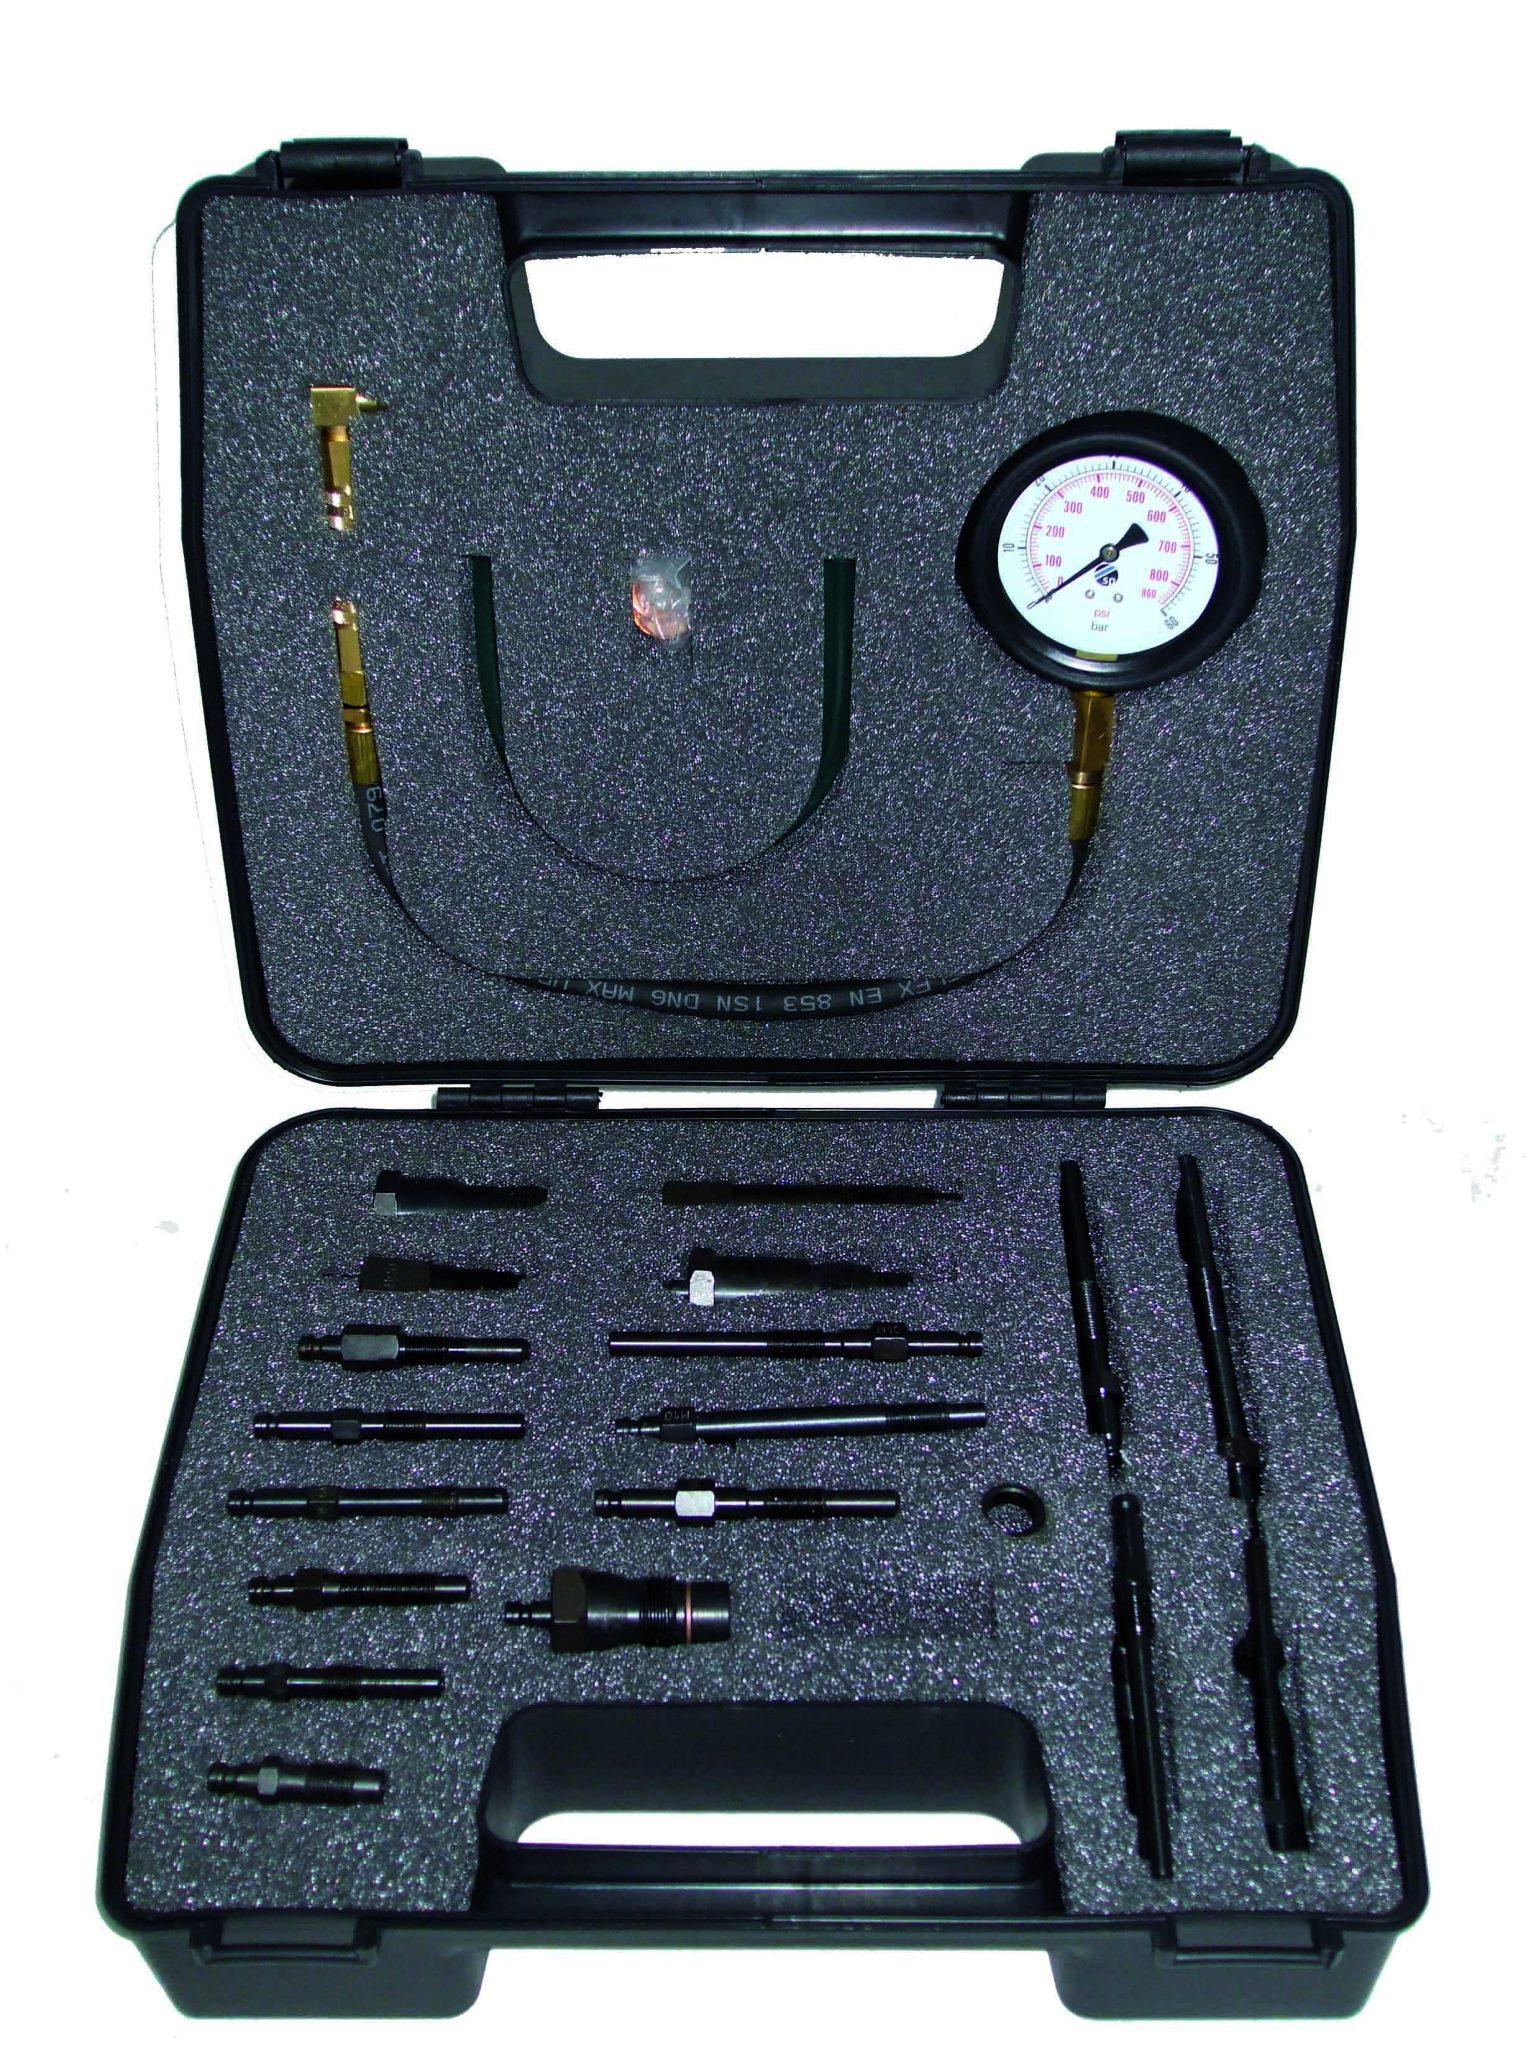 Sykes-Pickavant 314295V2 Diesel Compression Tester - Premier Car Kit (Passenger Vehicle)-0